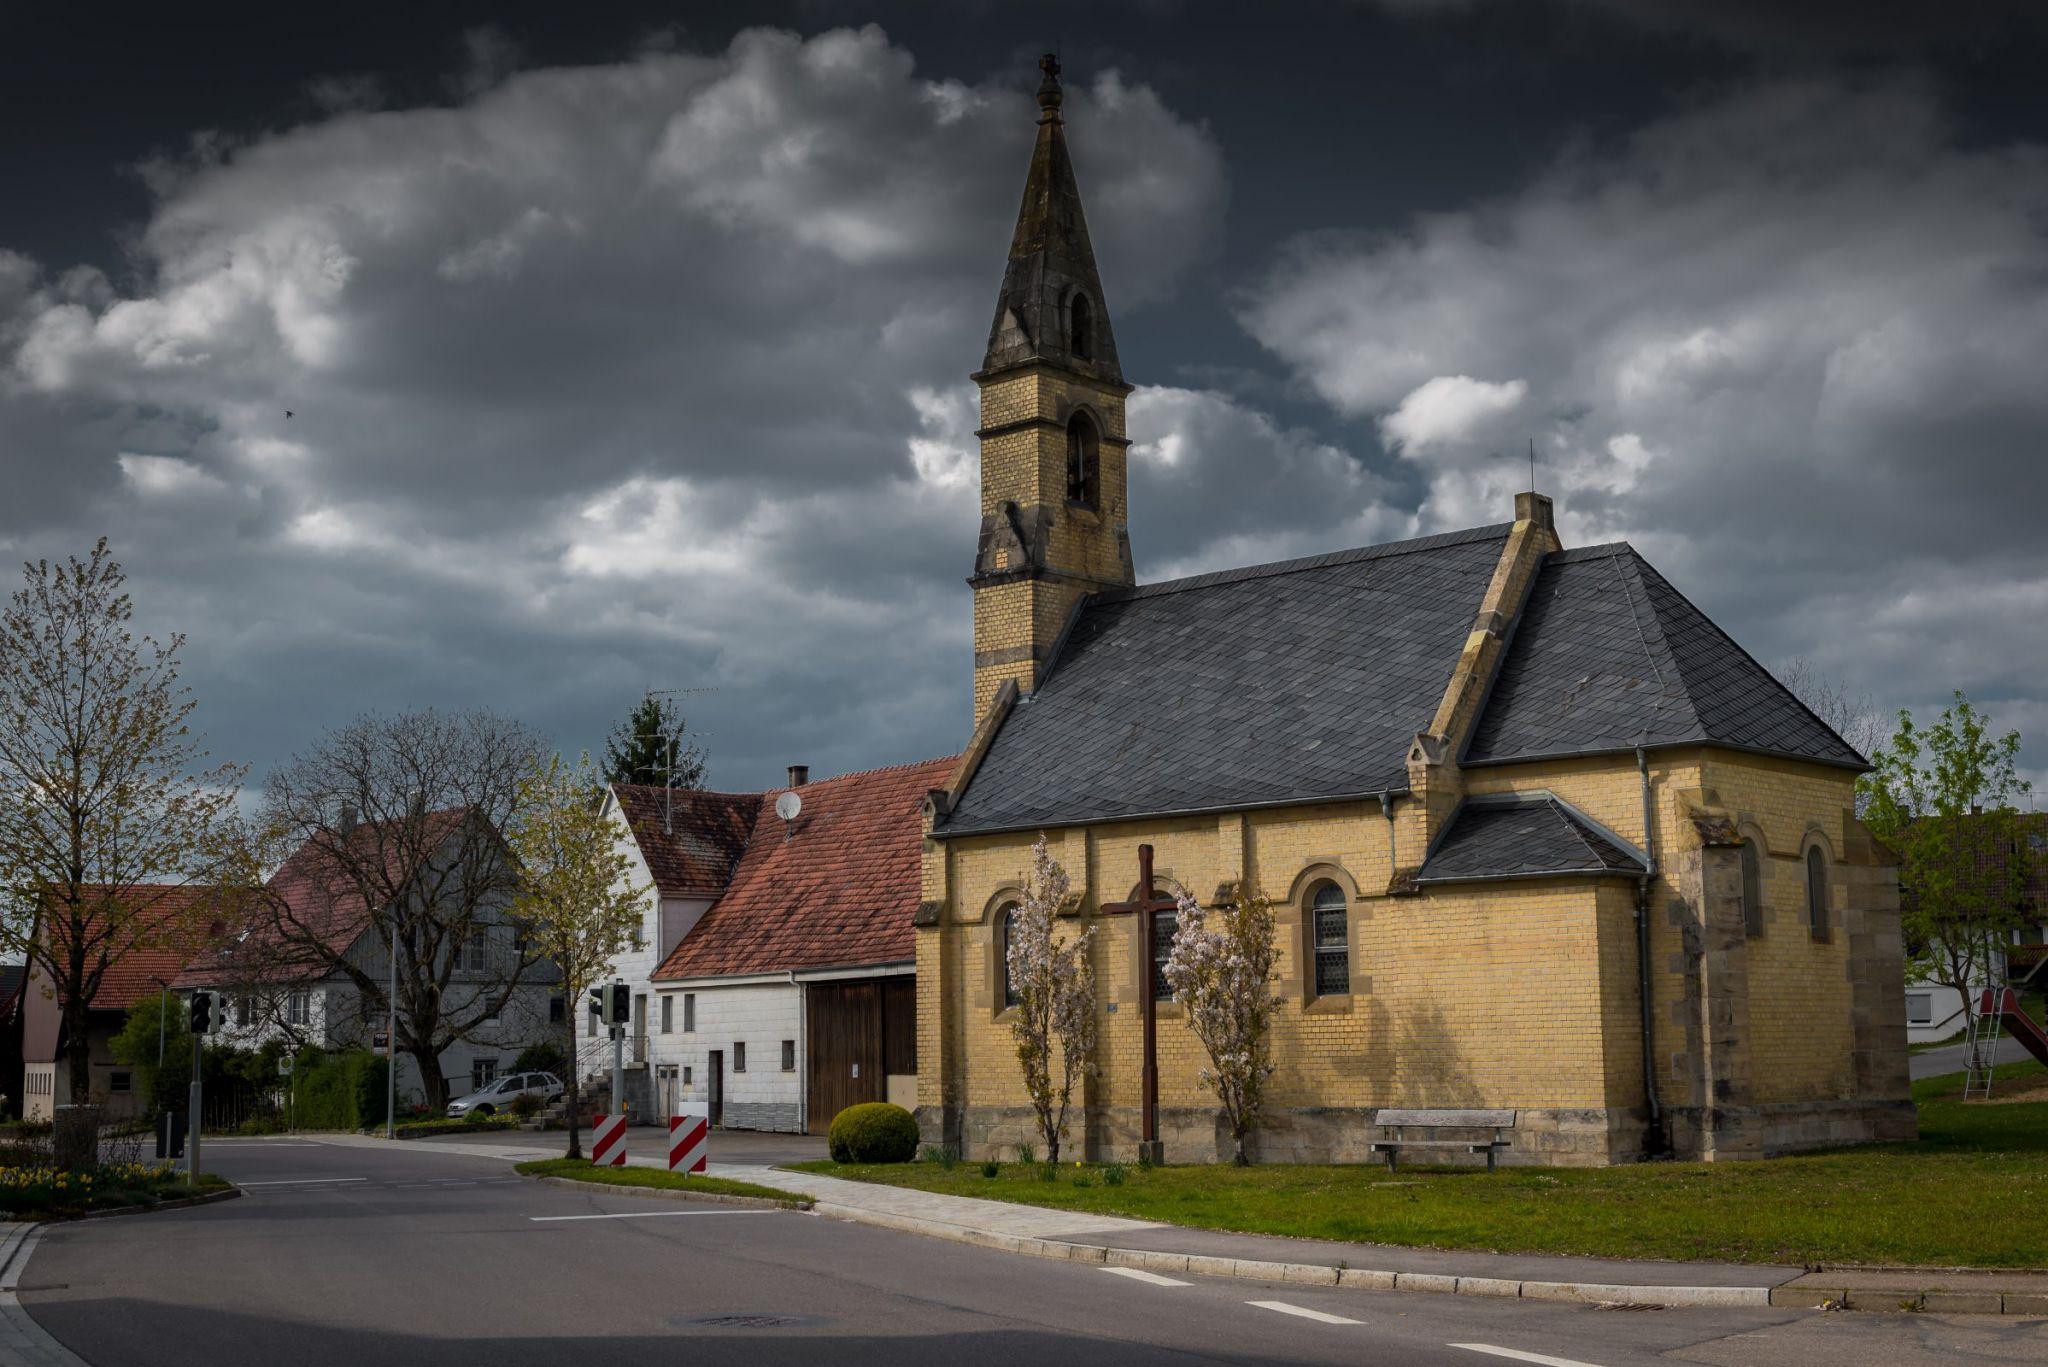 Pfersbach, Germany